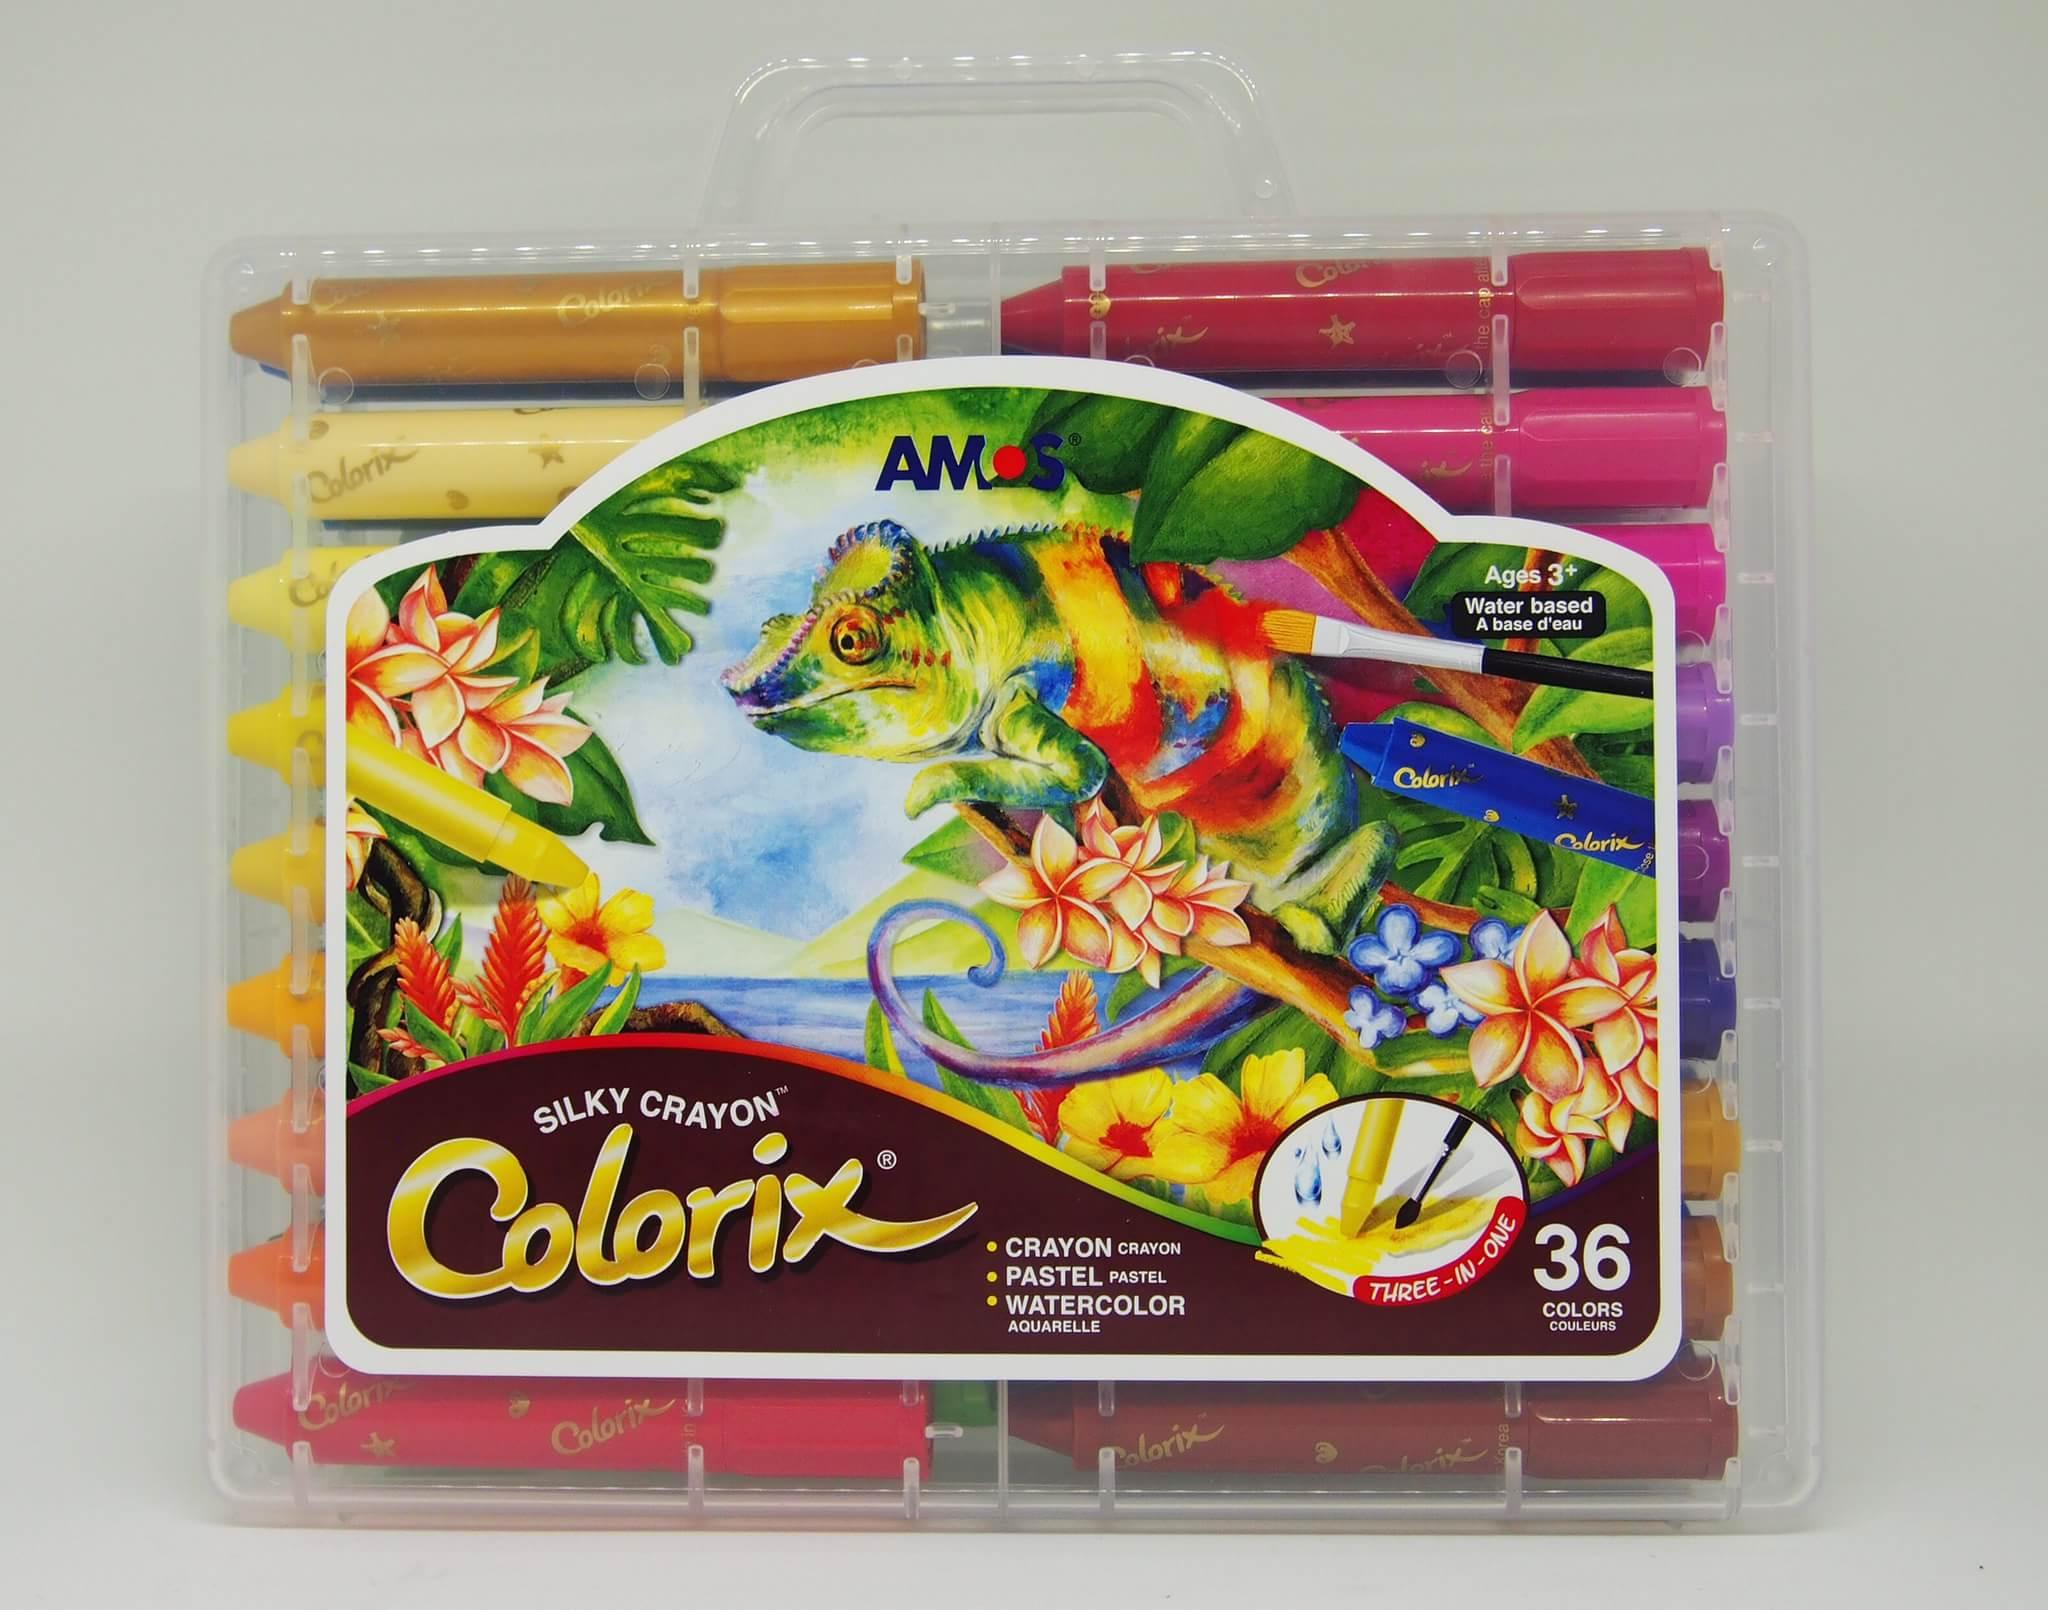 สีเทียน Amos สีเทียนเนื้อไหม 36 สี (Amos Colorix silky crayon 36 สี)